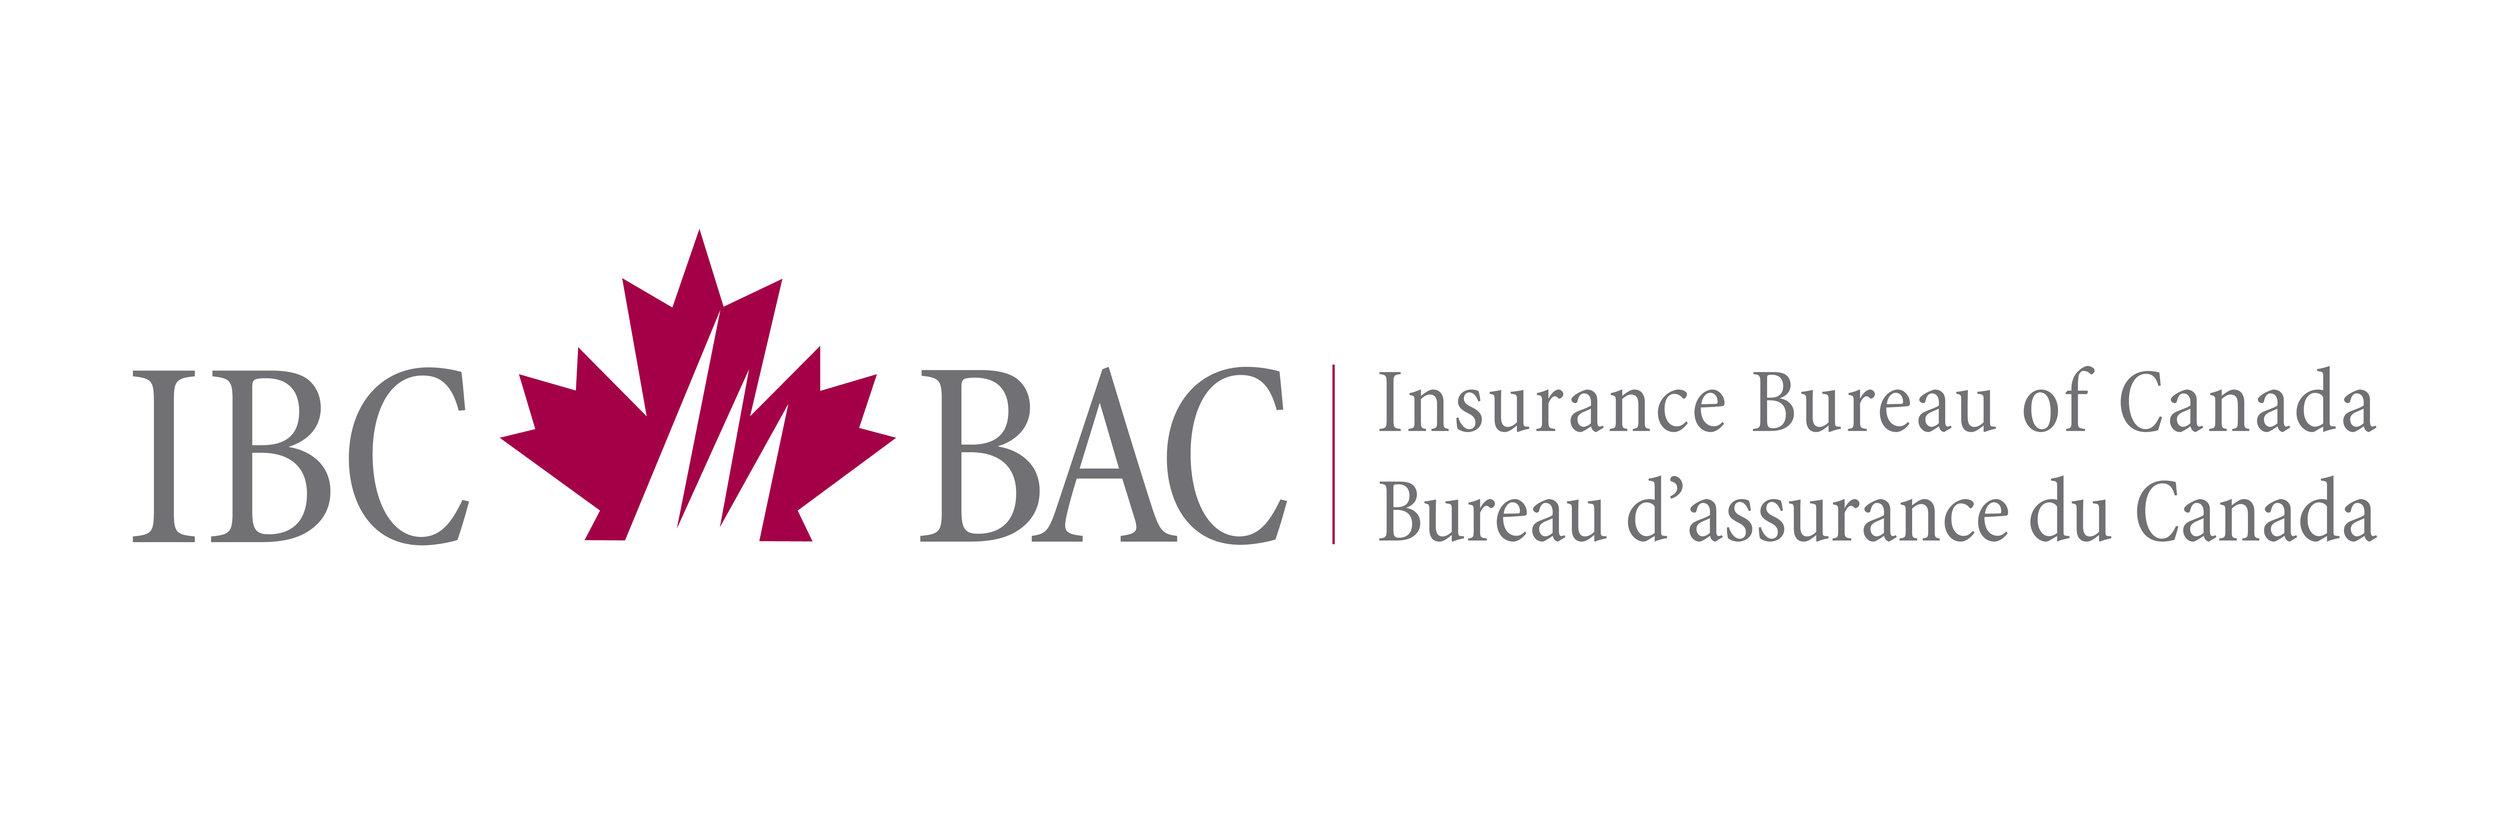 IBC bilingual logo_12x4in_600dpi.jpg